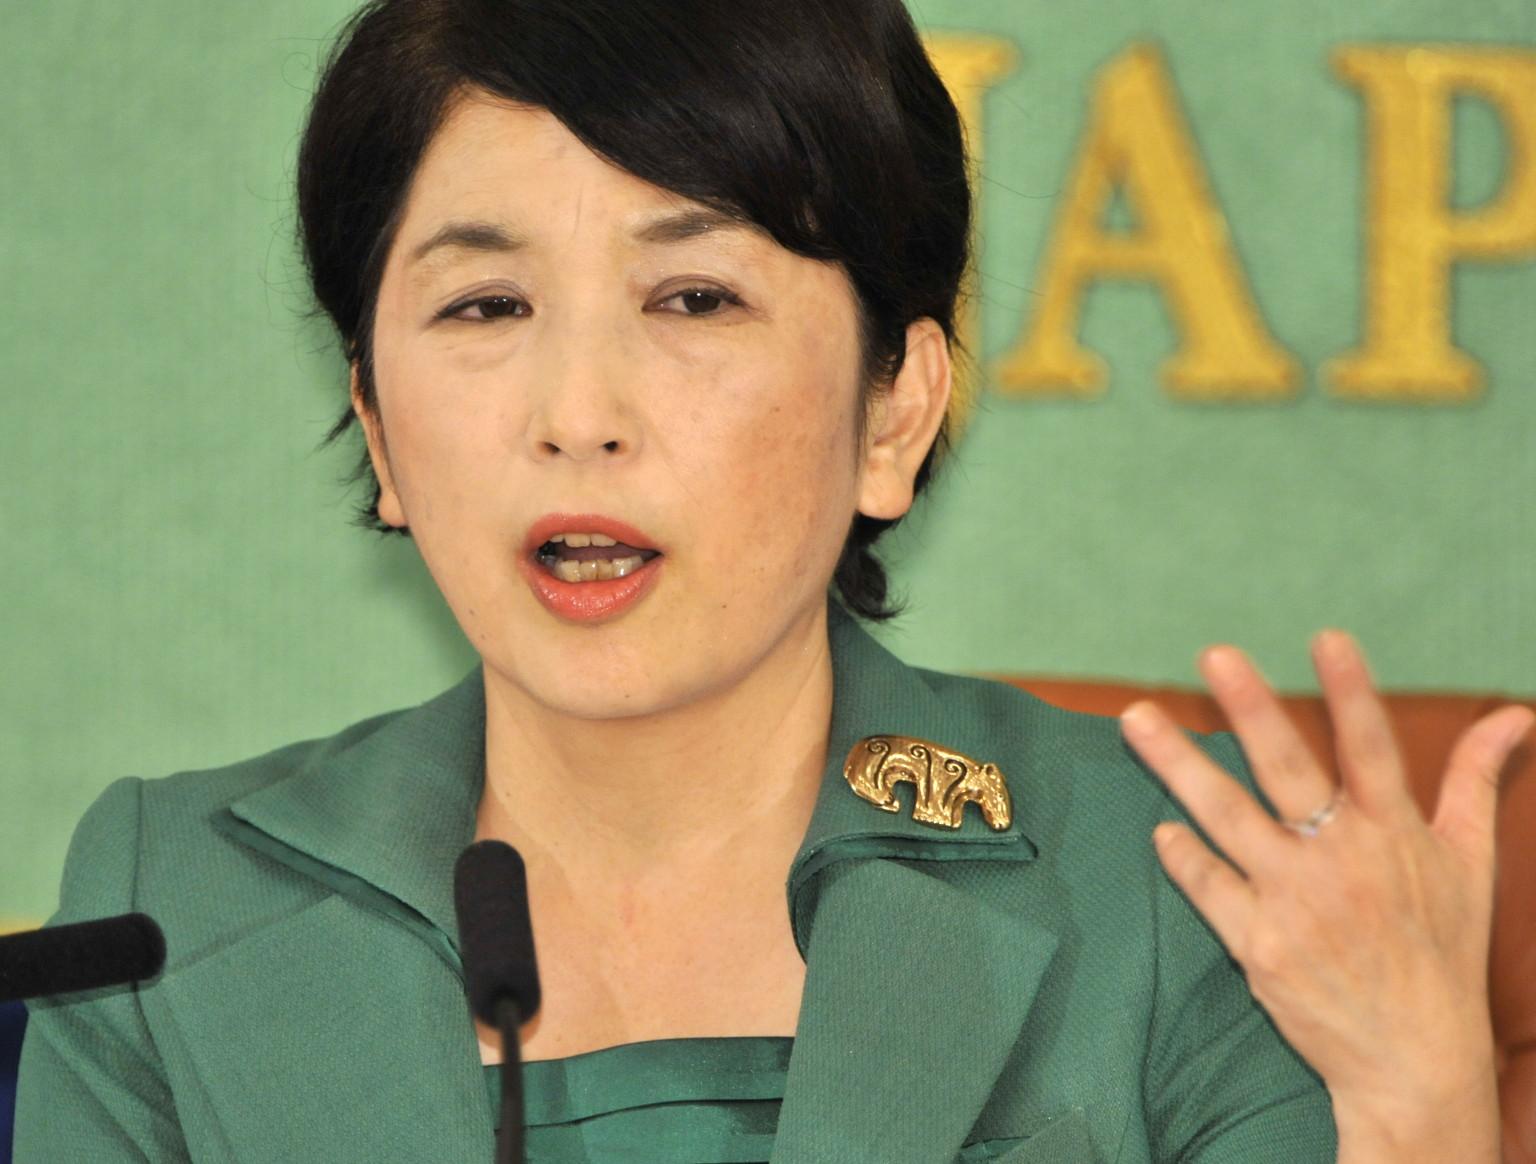 福島みずほ 元社民党党首がバーの一日ママに 「飲みながら平和憲法について語り合おう」 - o-MIZUHO-FUKUSHIMA-facebook